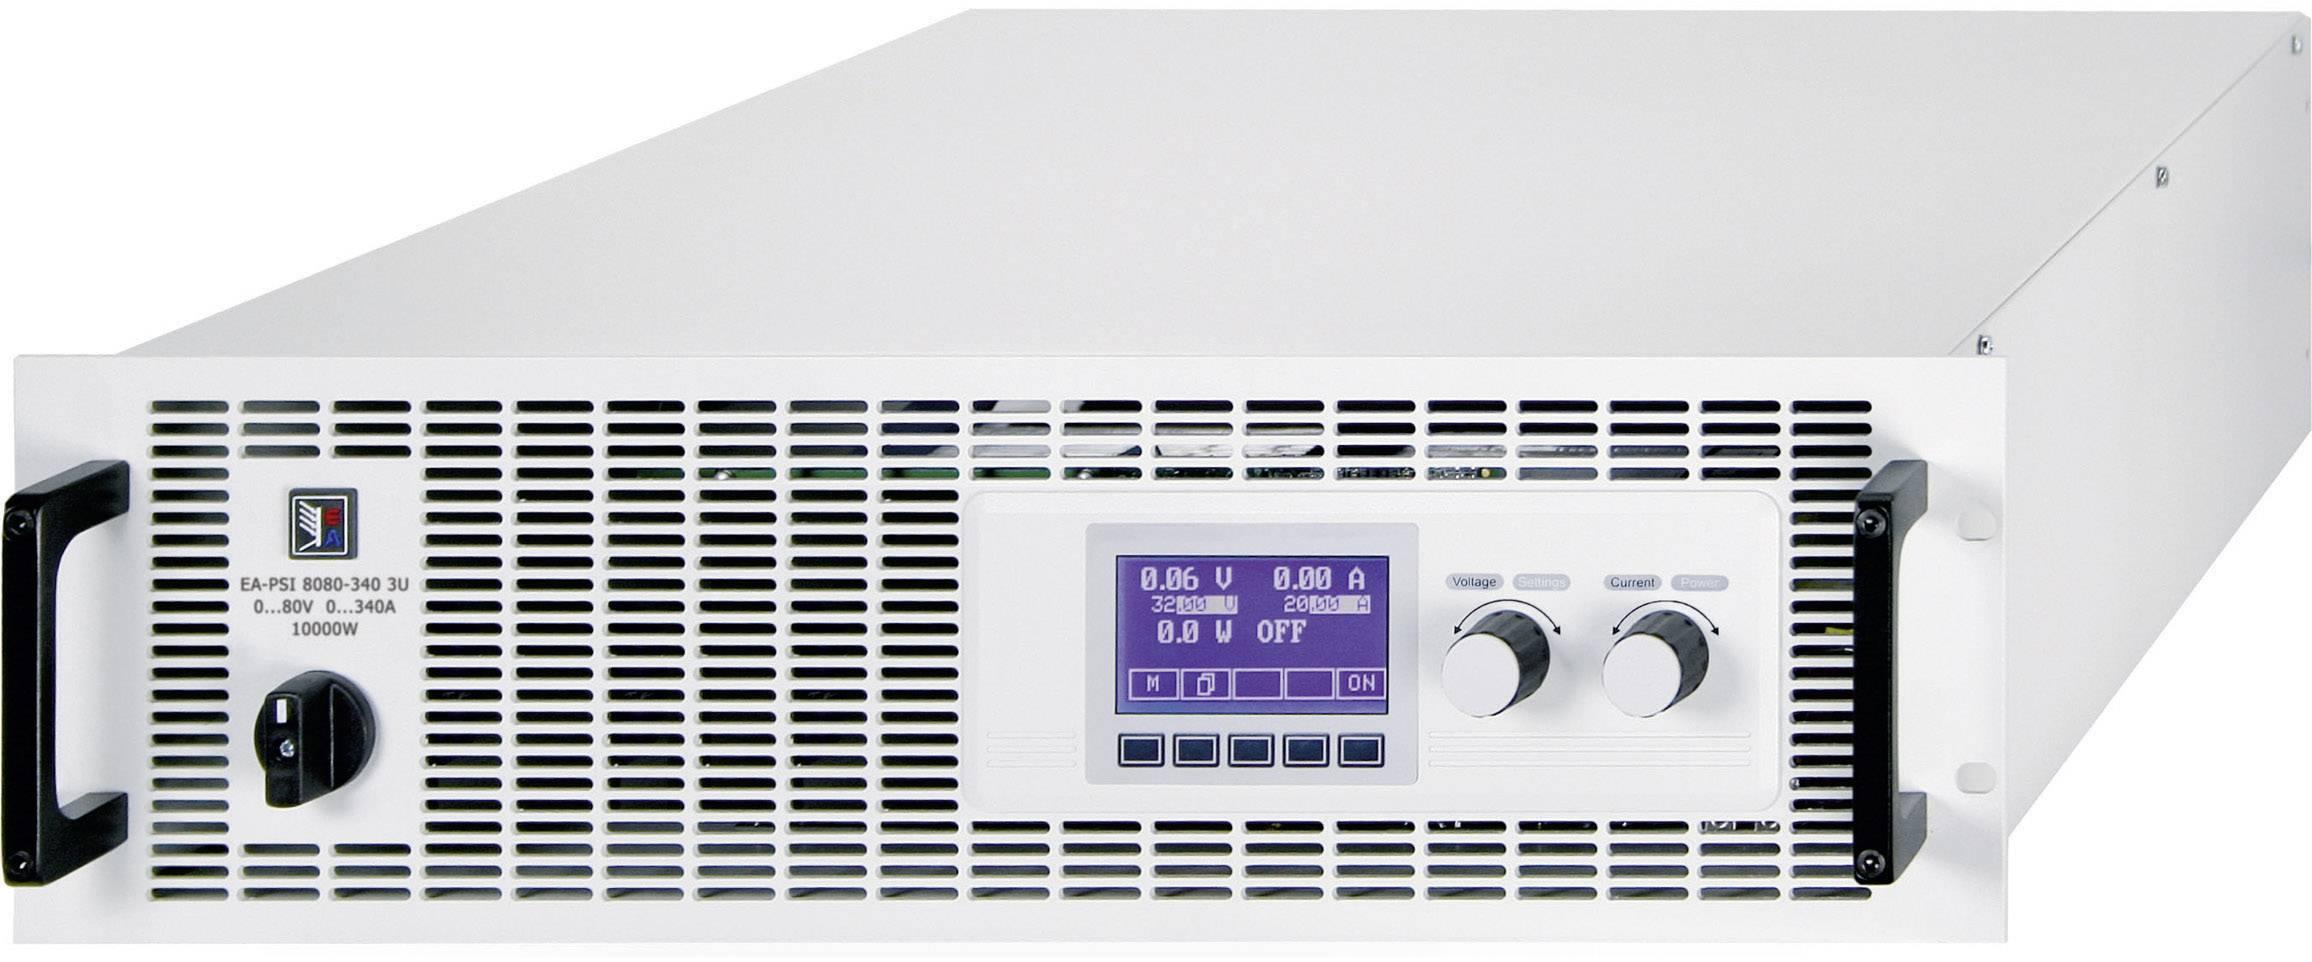 """Laboratórny zdroj s nastaviteľným napätím 19 """" Elektro-Automatik EA-PSI 8200-210 3U 0 - 200 V / DC 0 - 210 A 15000 W"""